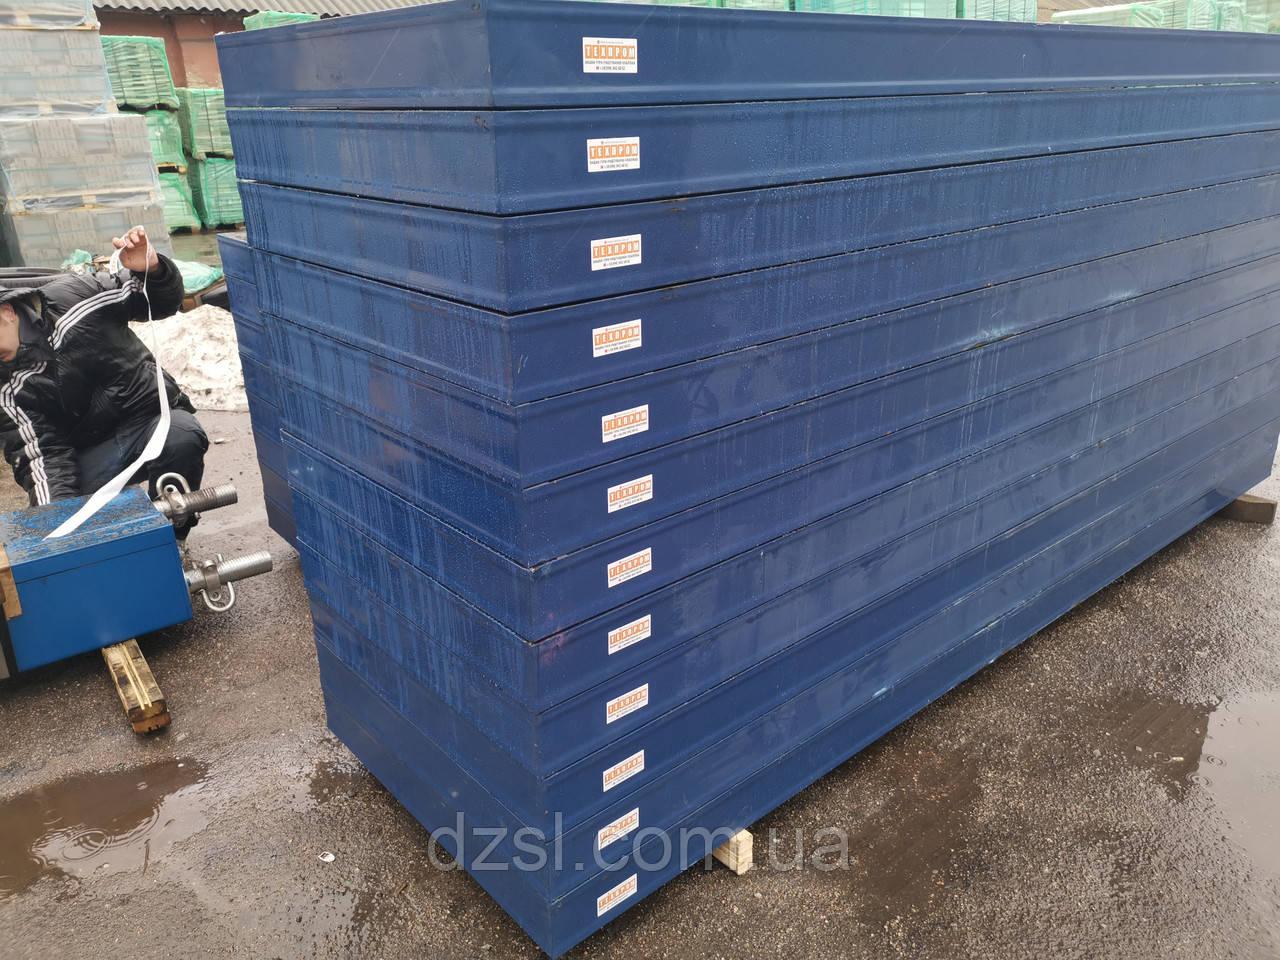 Щити для стіновий опалубки 1200 х 3000 (мм)